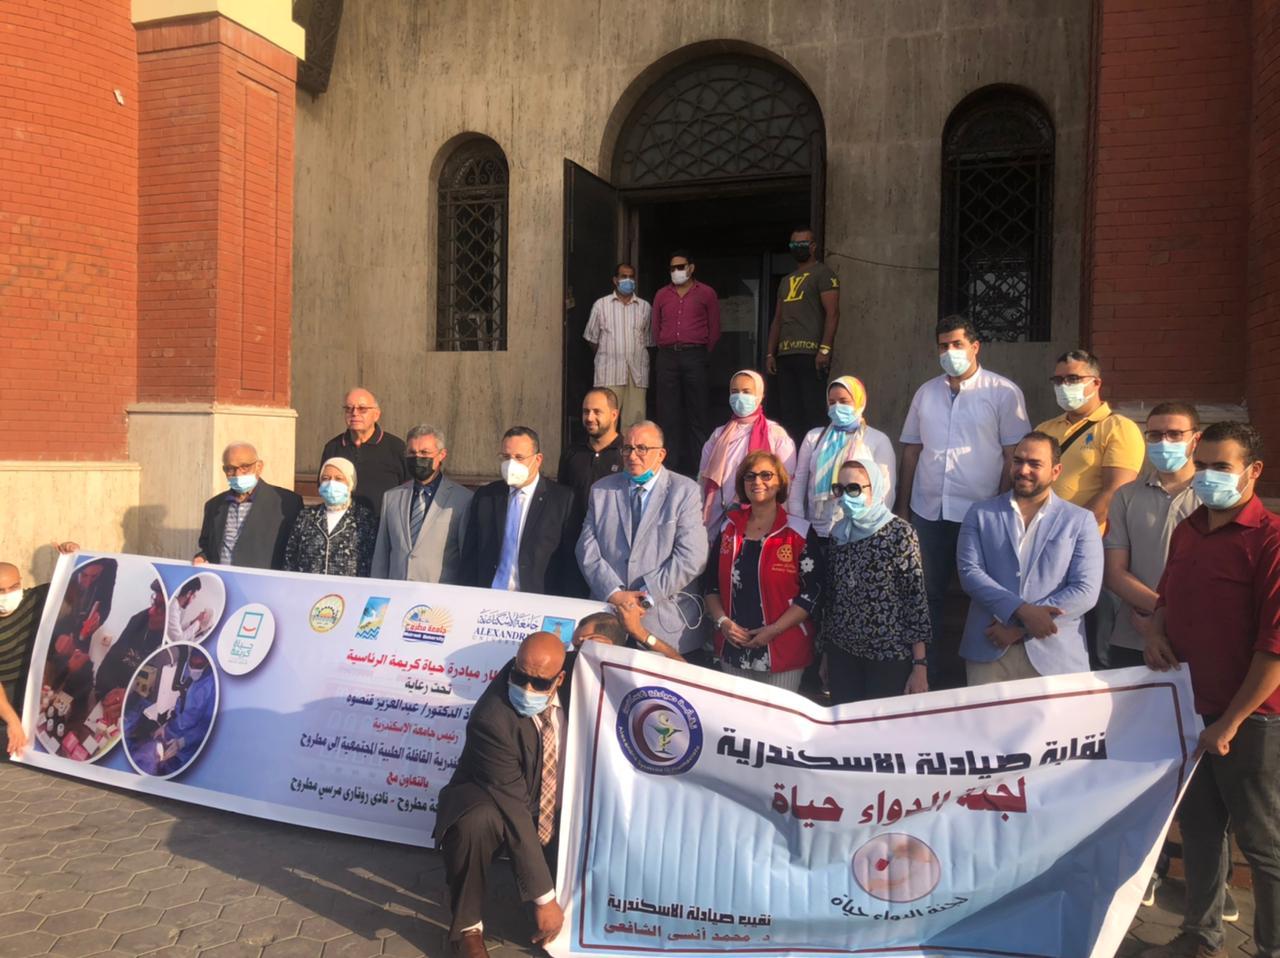 جامعة الاسكندرية تطلق قافلة طبية ومجتمعية جديدة لخدمة اهالى مطروح